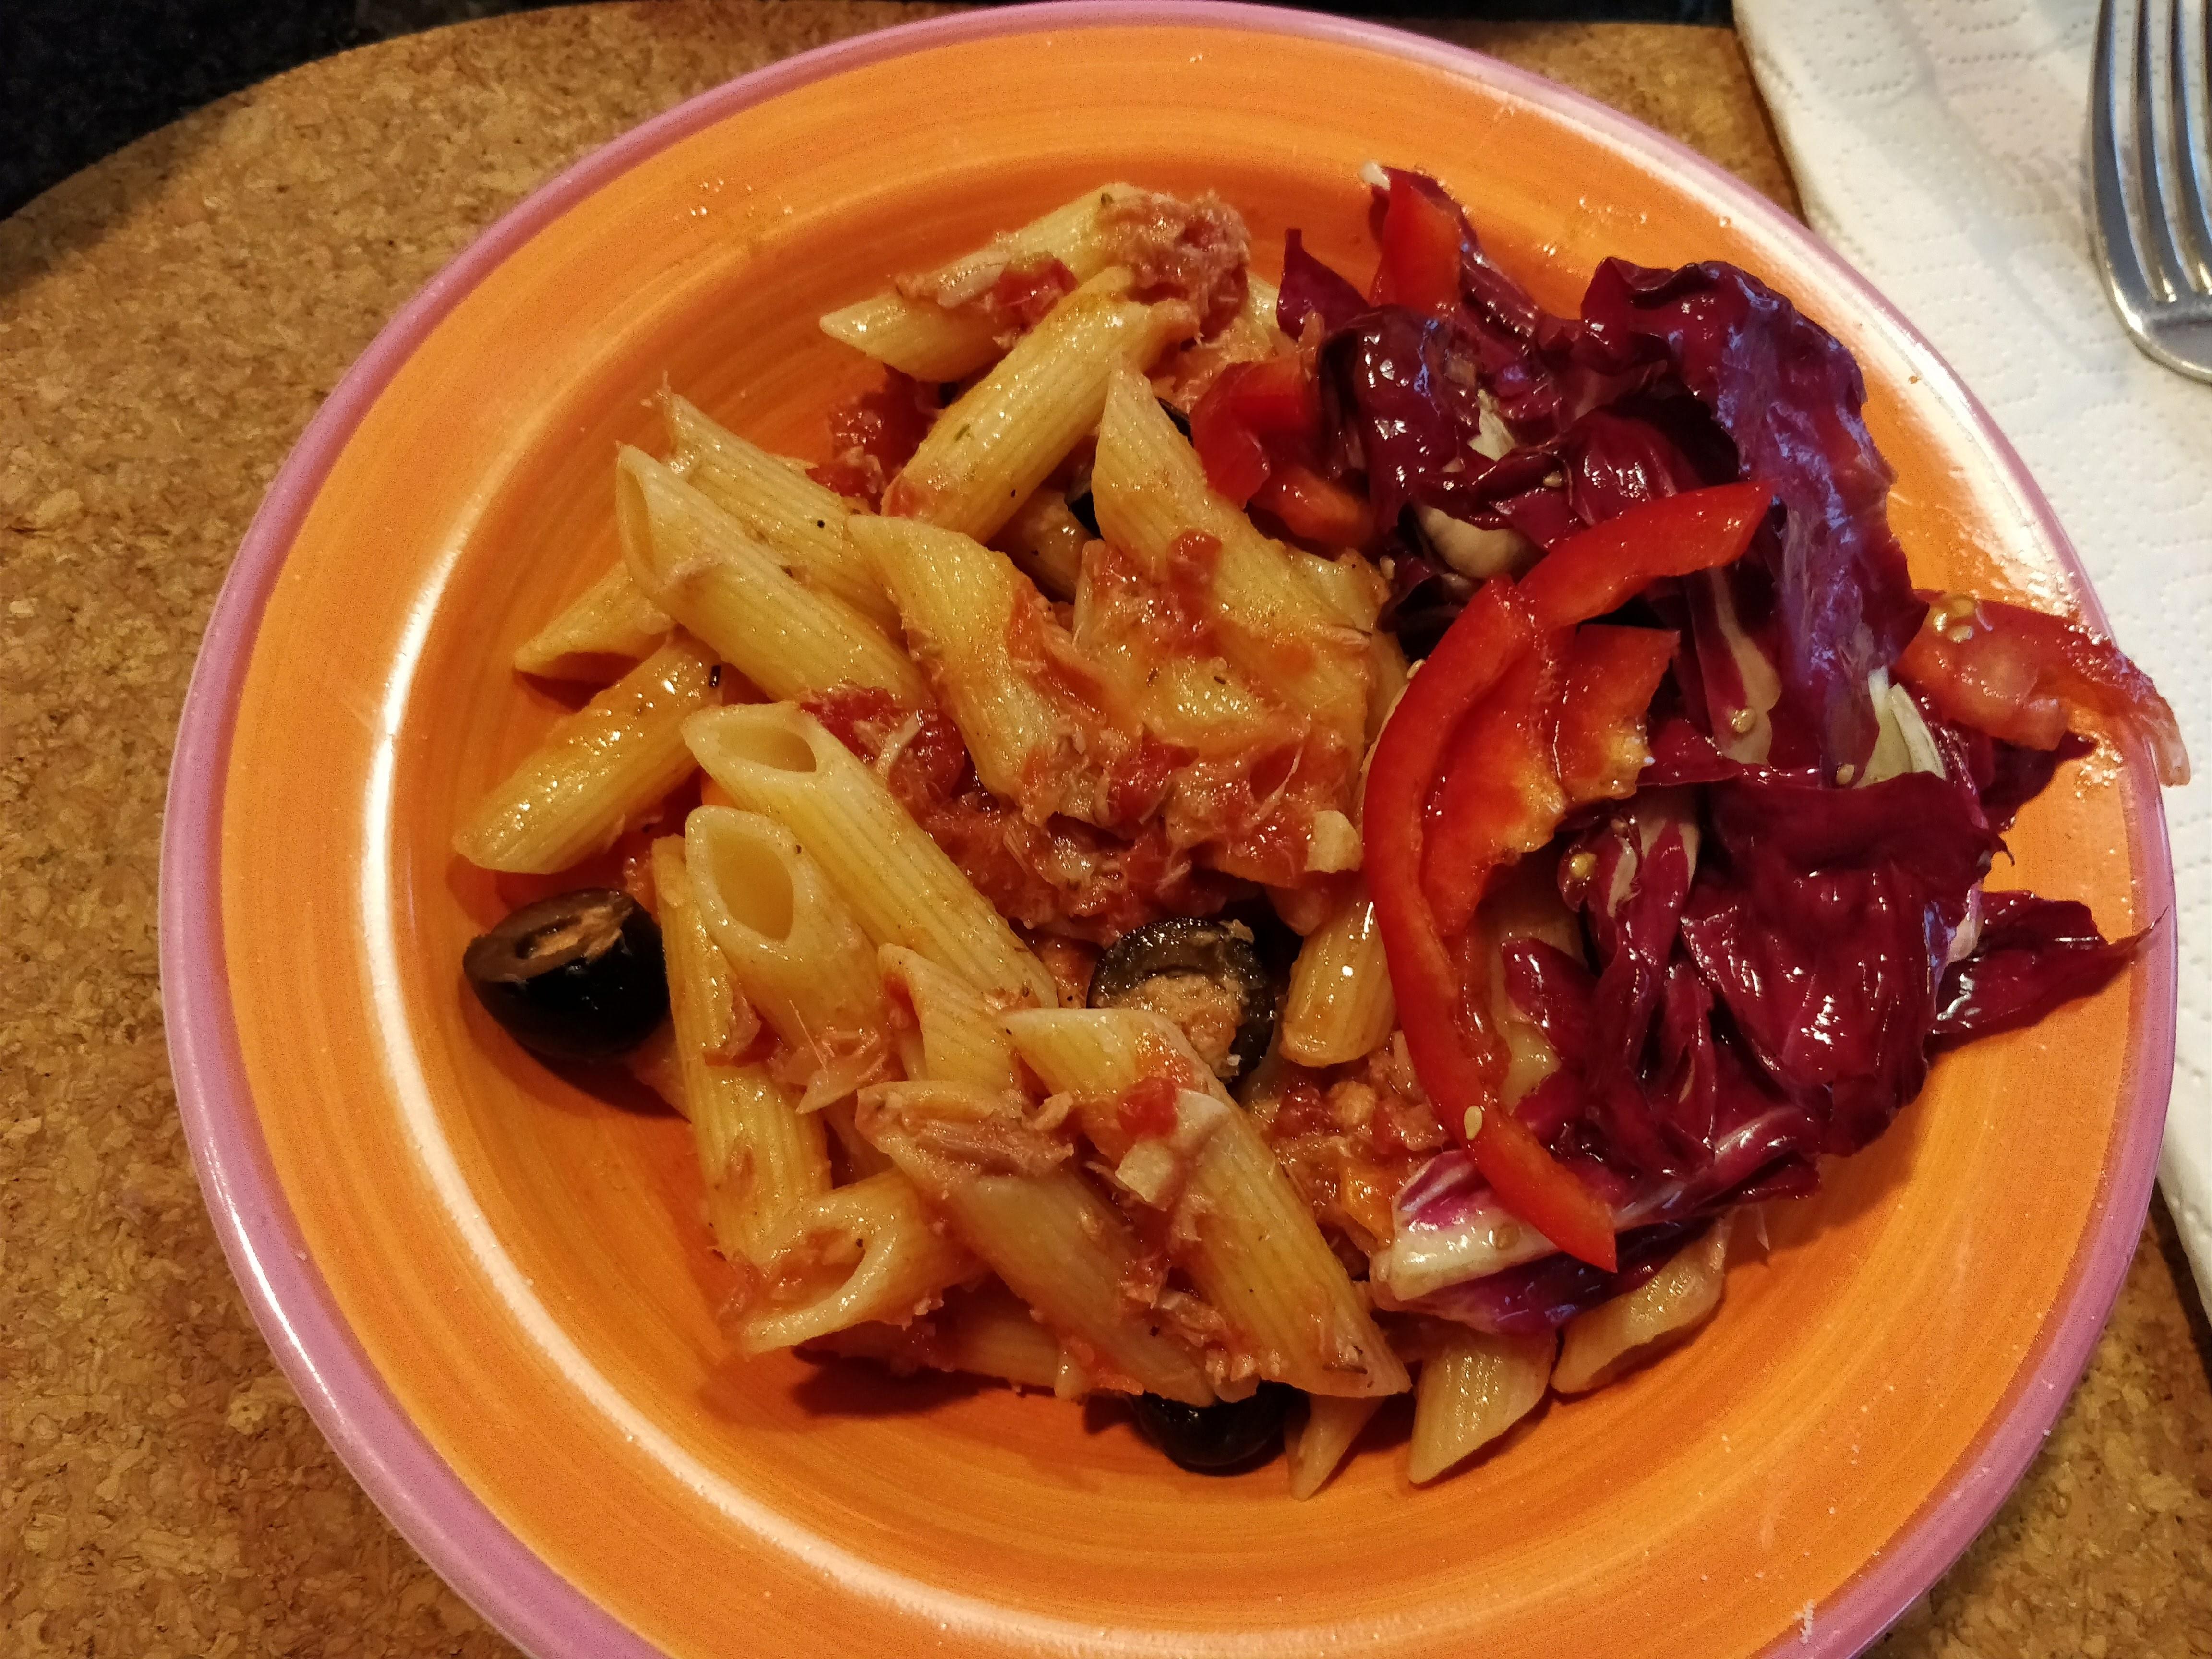 http://foodloader.net/nico_2018-01-13_penne-mit-thunfisch-sauce-und-salat.jpg